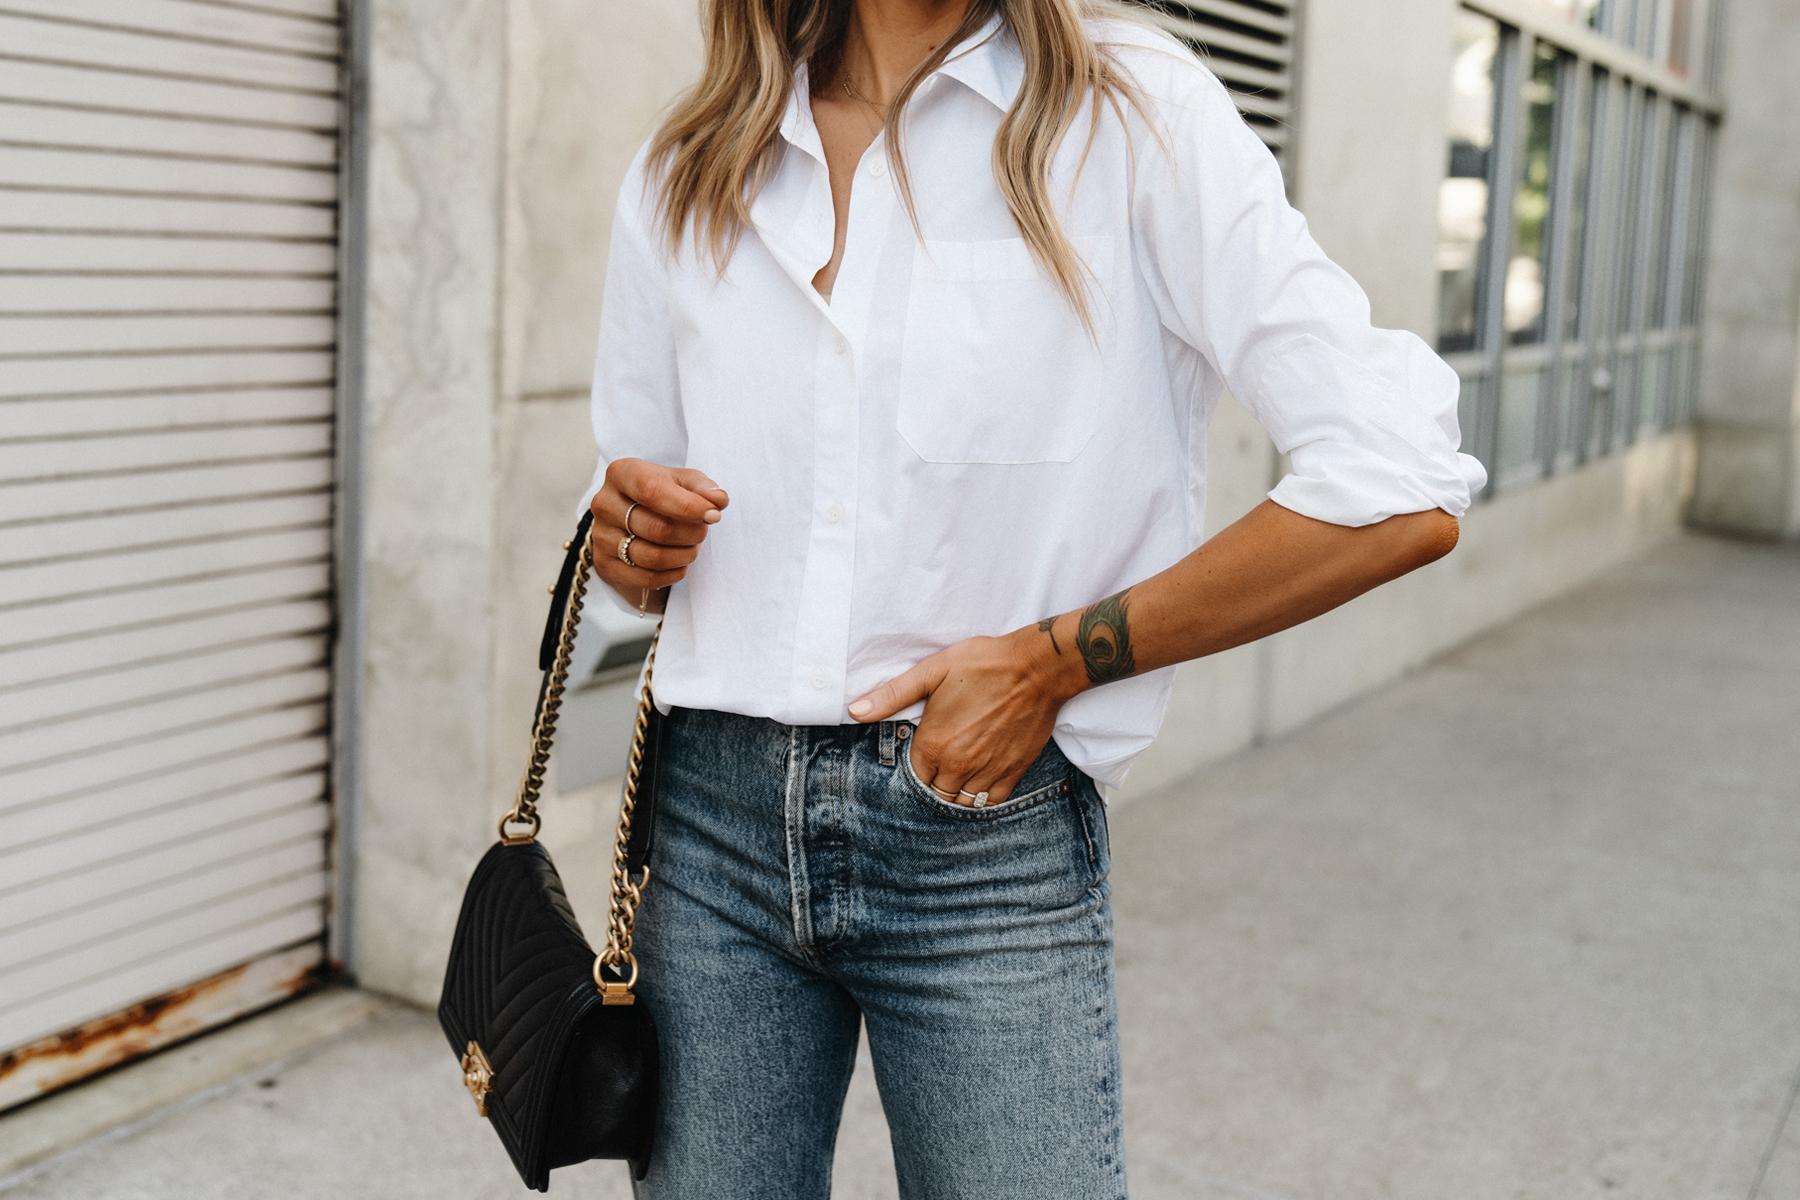 Fashion Jackson Wearing Jenni Kayne White Button Up Shirt Jeans Chanel Black Boy Bag